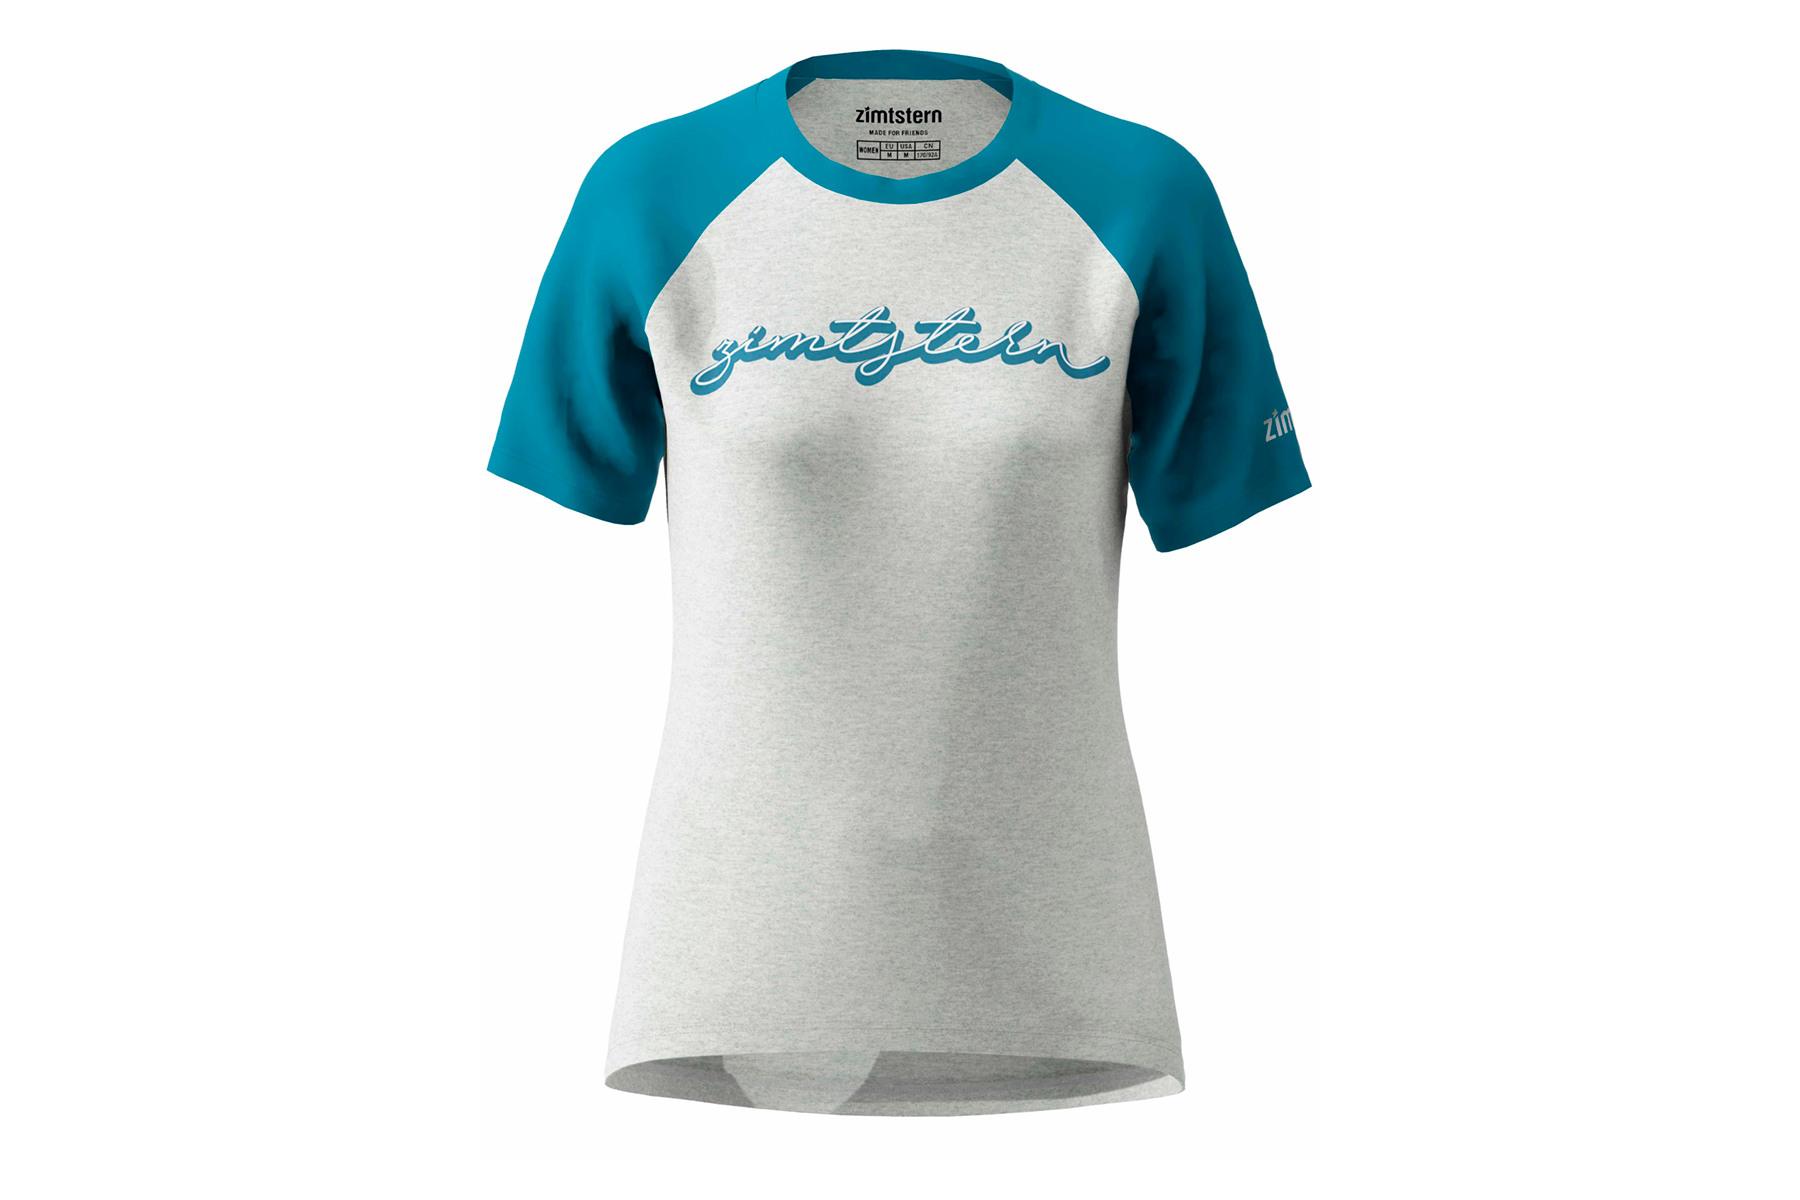 Zimtstern SWEETZ TEE WMNS Damen T-Shirt